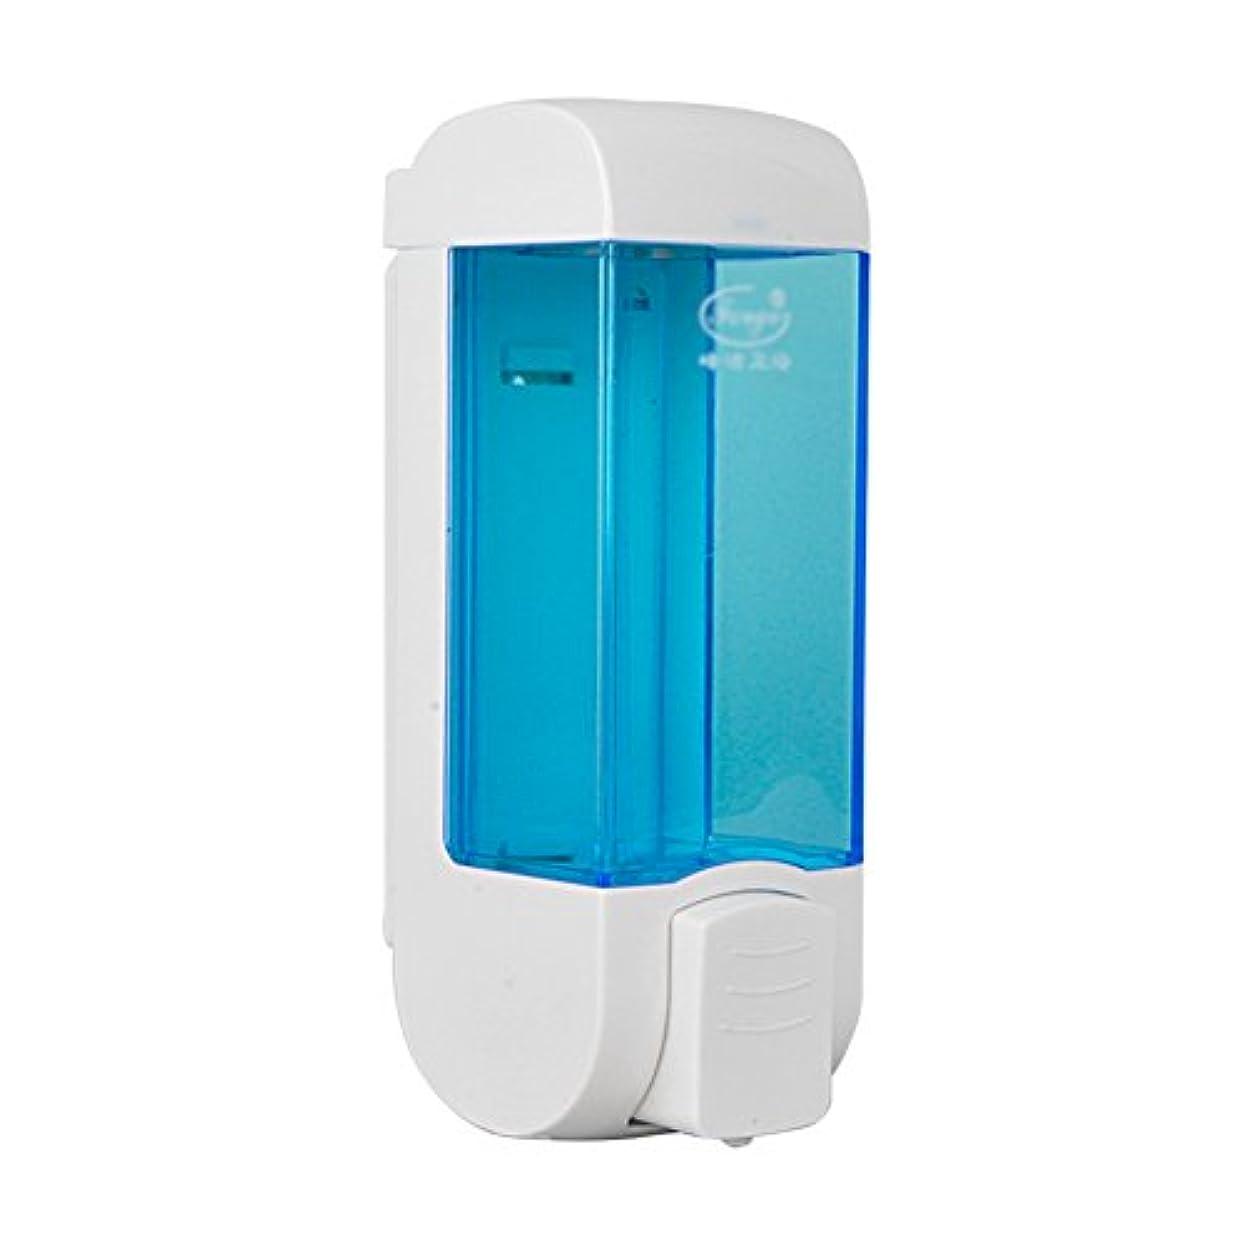 ファームフェロー諸島体操ZEMIN ソープディスペンサー 壁掛け式 石鹸ディスペンサー 帰納的 マニュアル ポンプ 2頭 シャンプー 液体 石鹸 クリーン、 プラスチック、 青、 300ML (色 : 1)